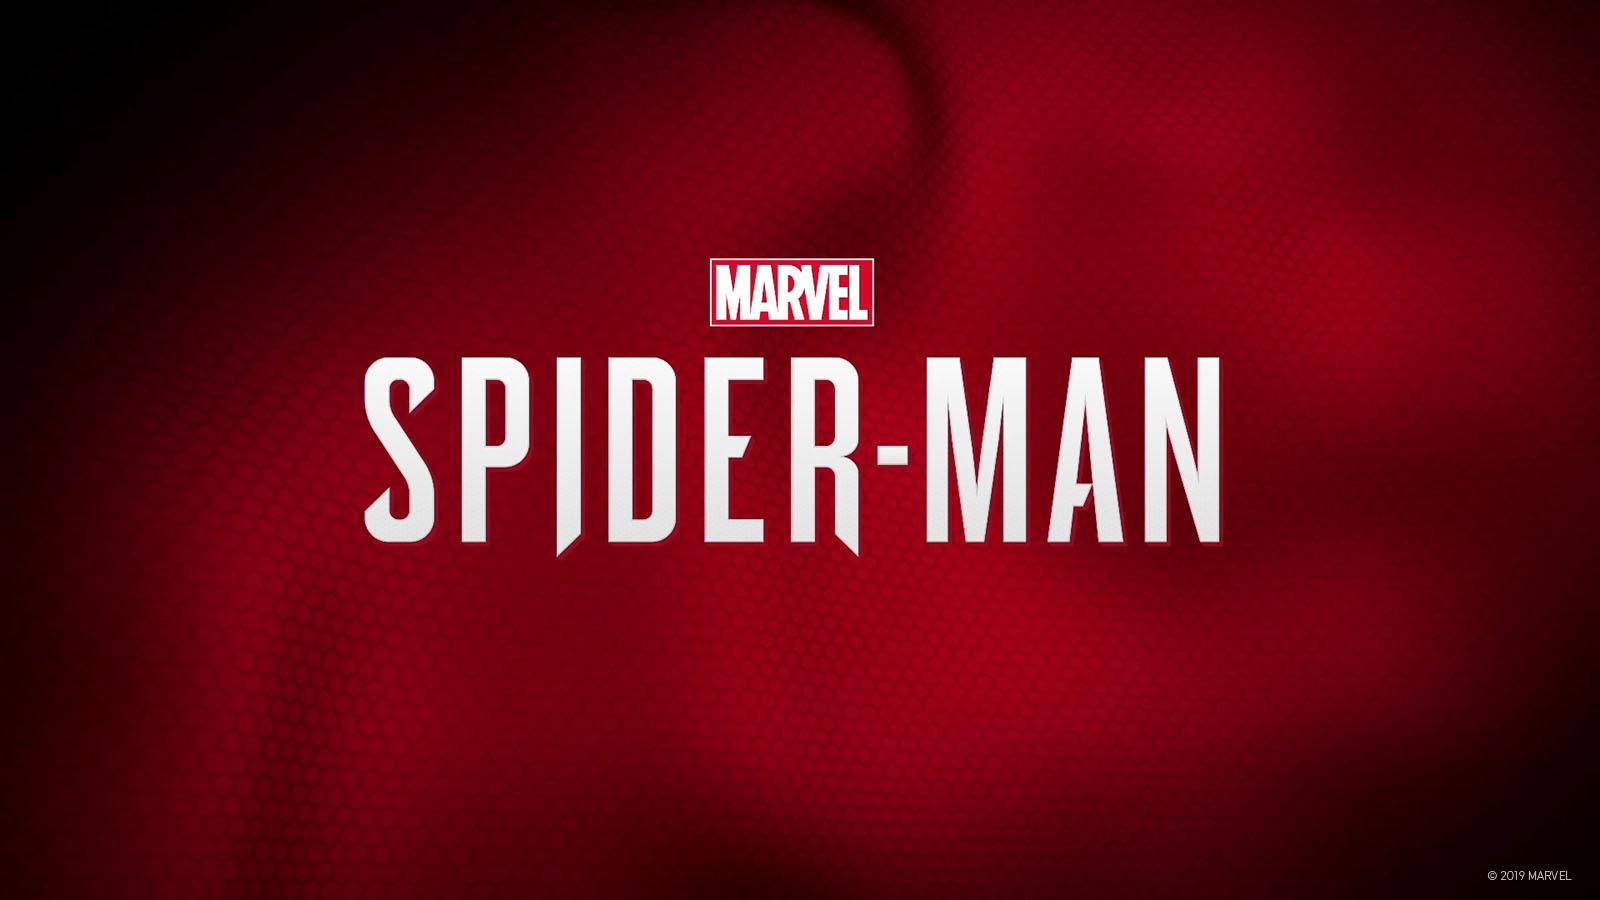 SpidermanTitles__Finalframe_TerritoryStudio_021a.jpg